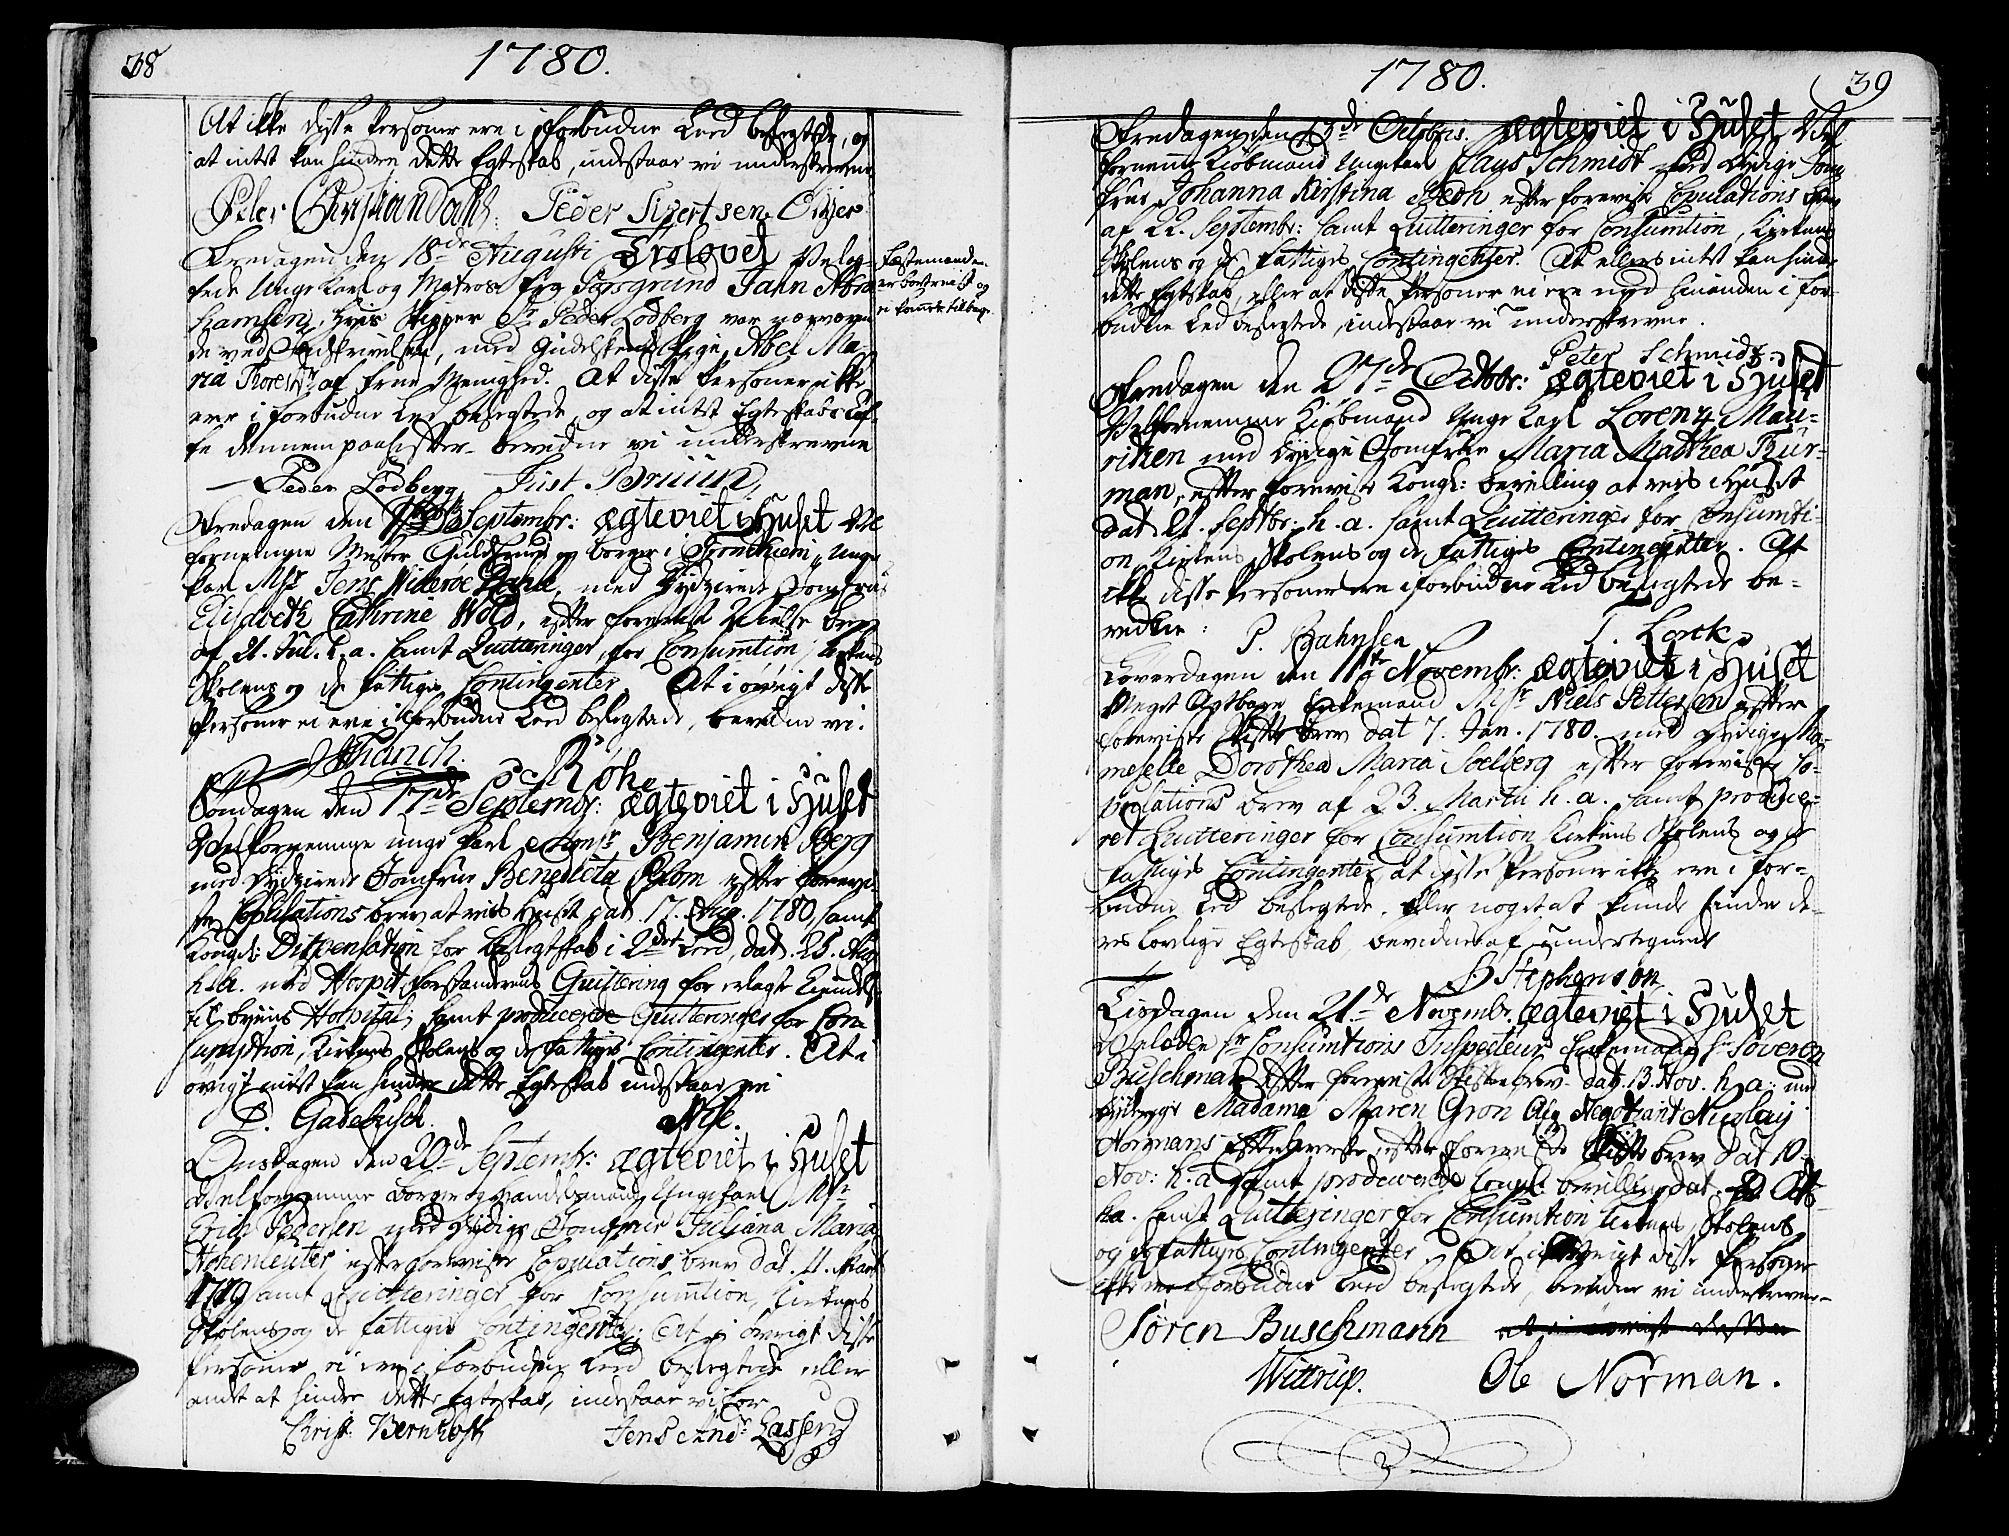 SAT, Ministerialprotokoller, klokkerbøker og fødselsregistre - Sør-Trøndelag, 602/L0105: Ministerialbok nr. 602A03, 1774-1814, s. 38-39